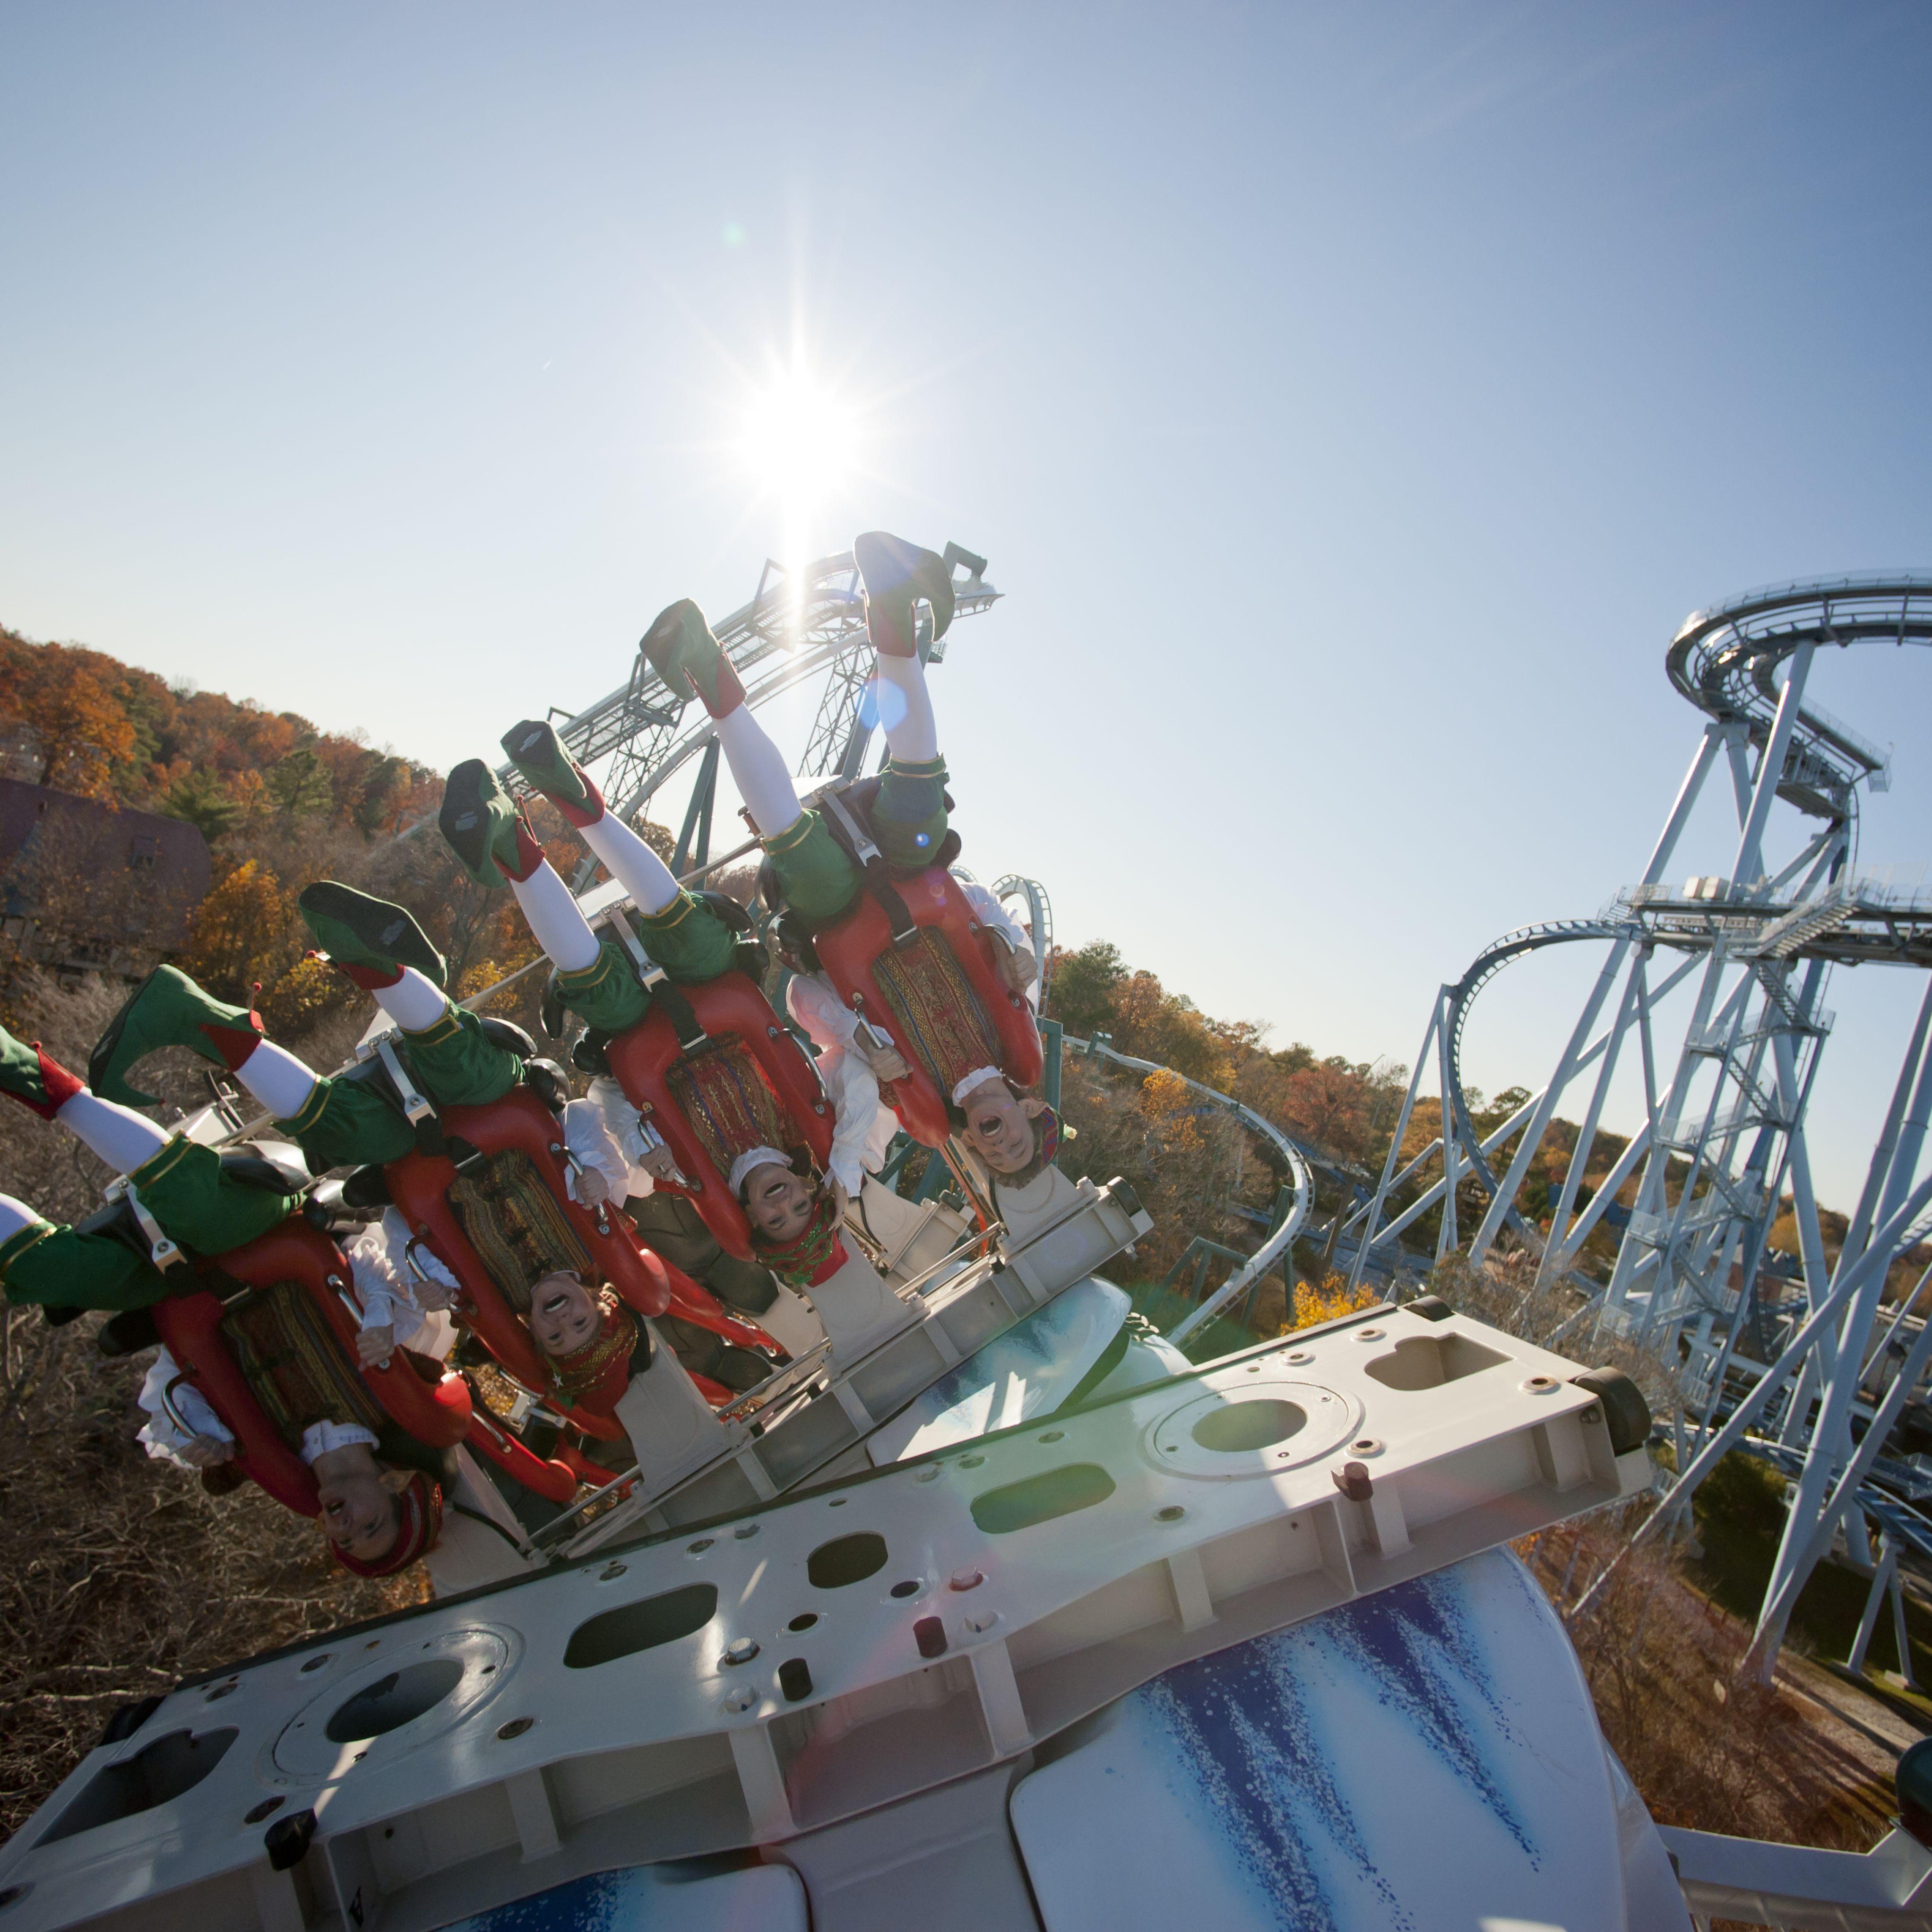 Busch Gardens Williamsburg 2022 Calendar.Busch Gardens Amusement Park In Williamsburg Virginia